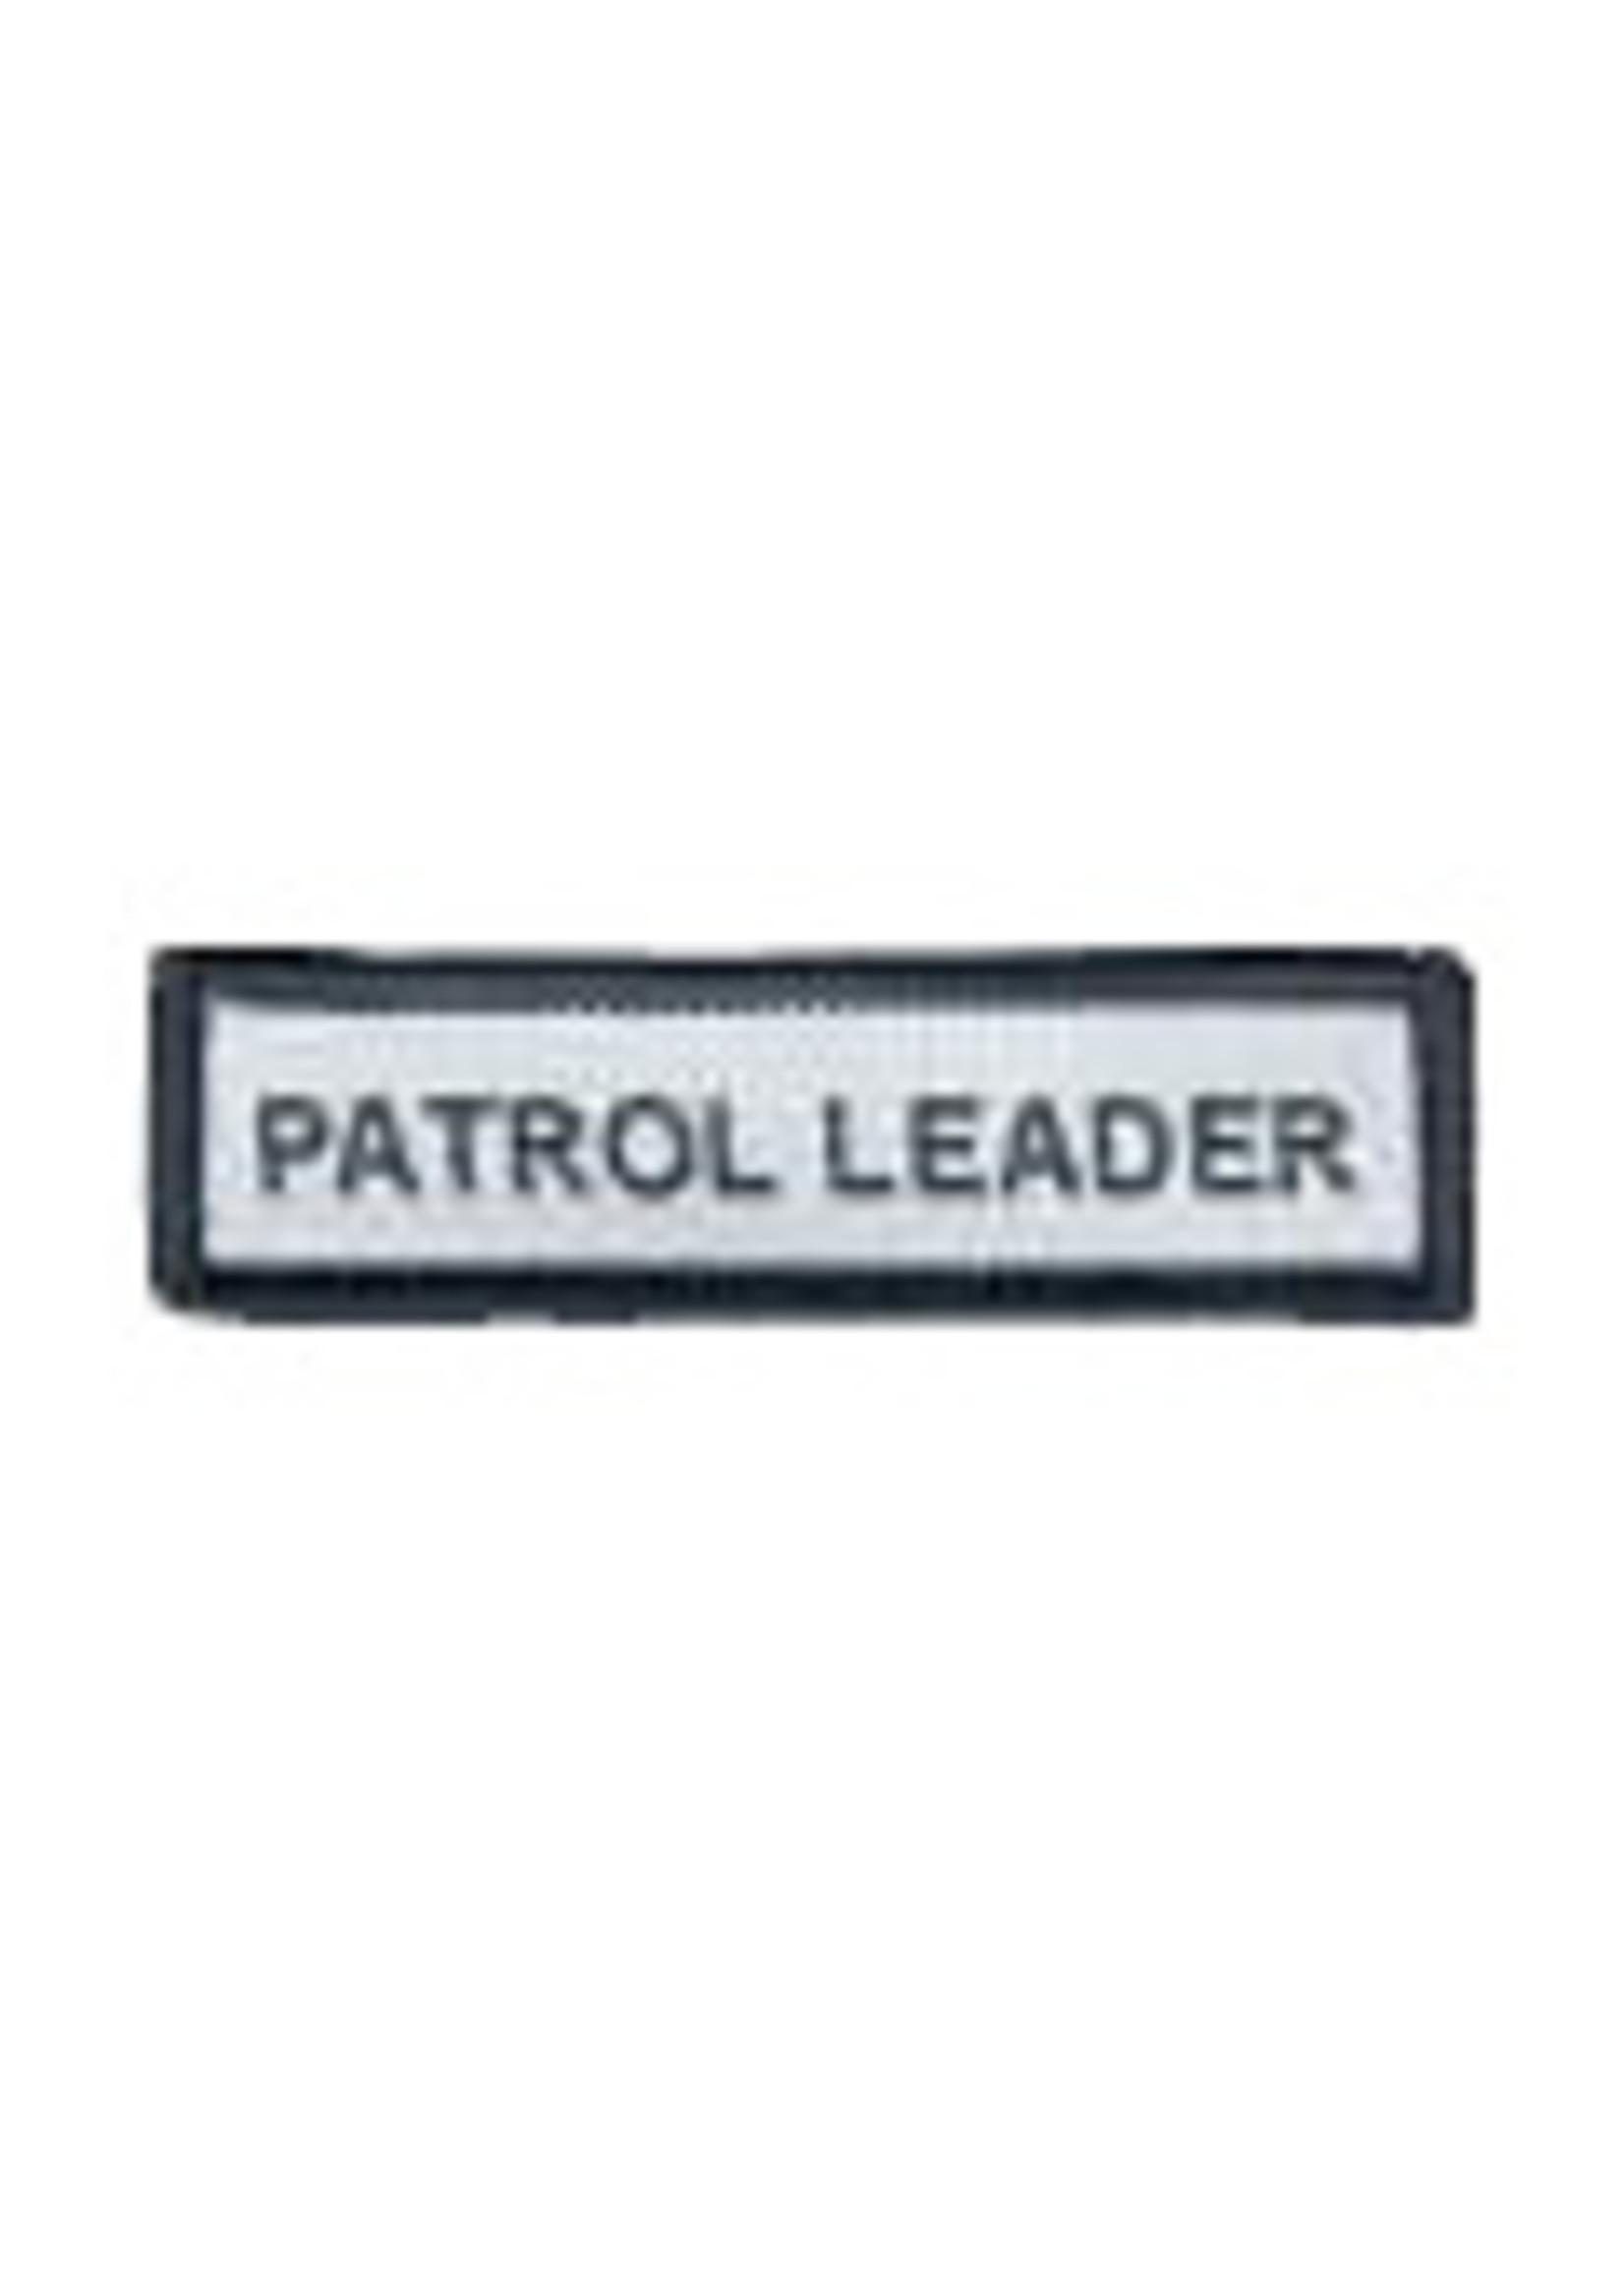 Patrol Leader Badge